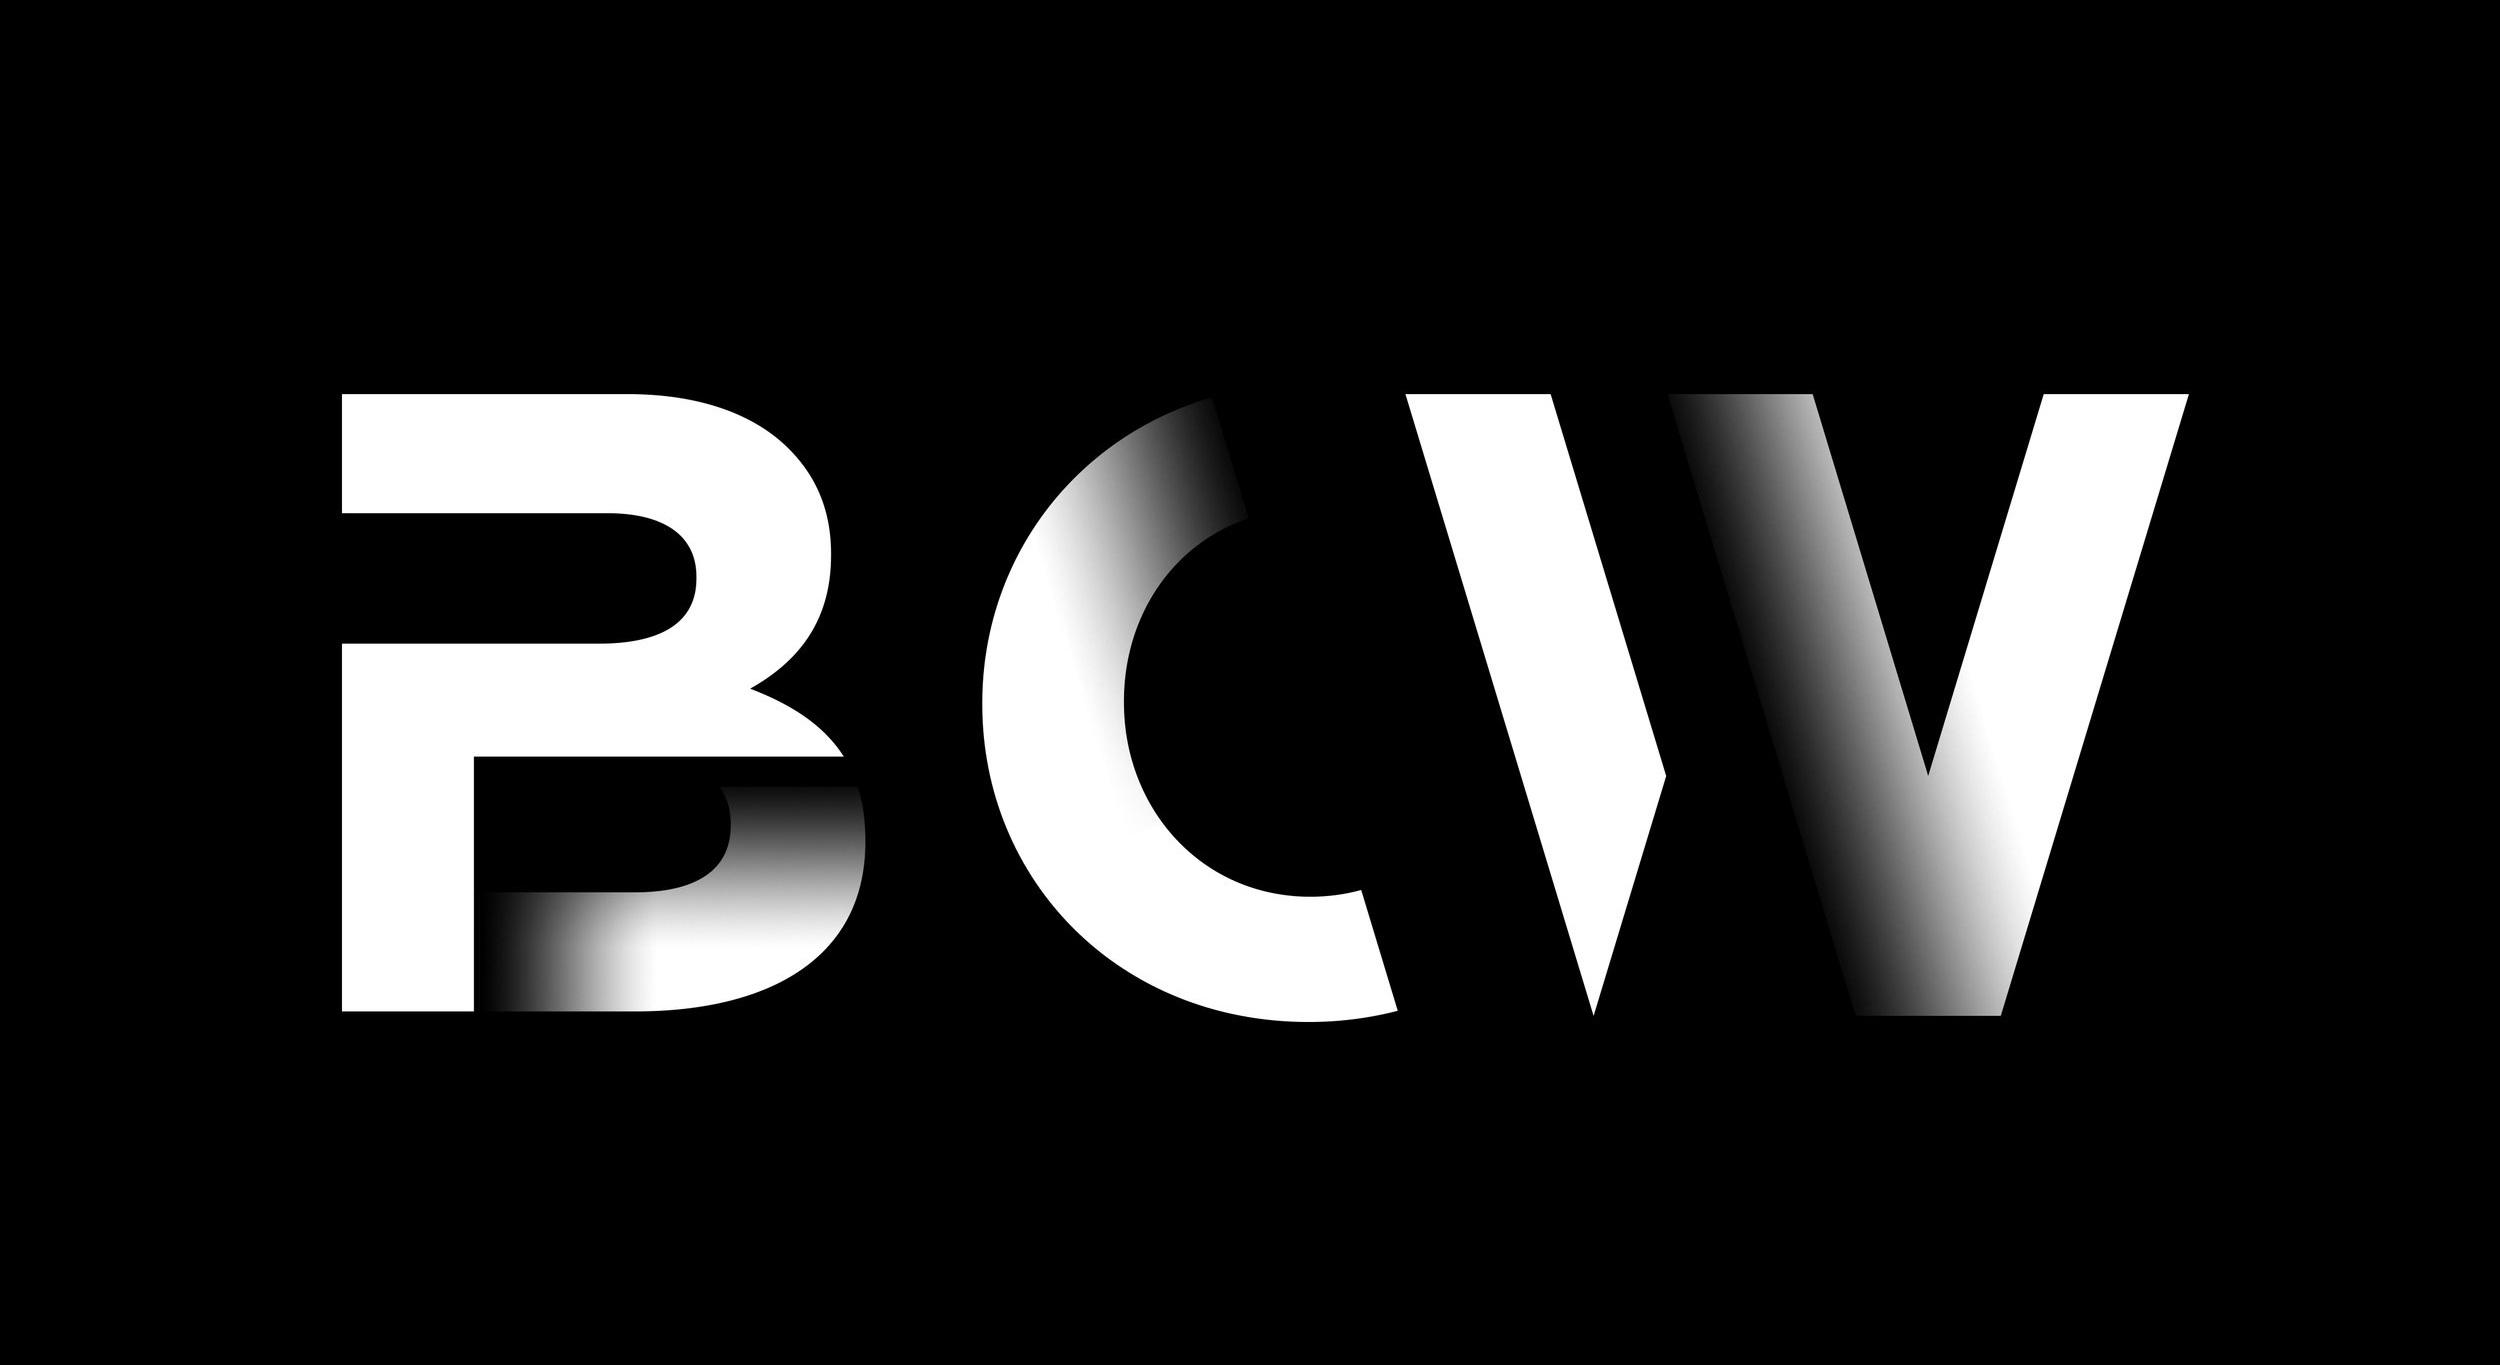 BCW+logos+2+no+text.jpg